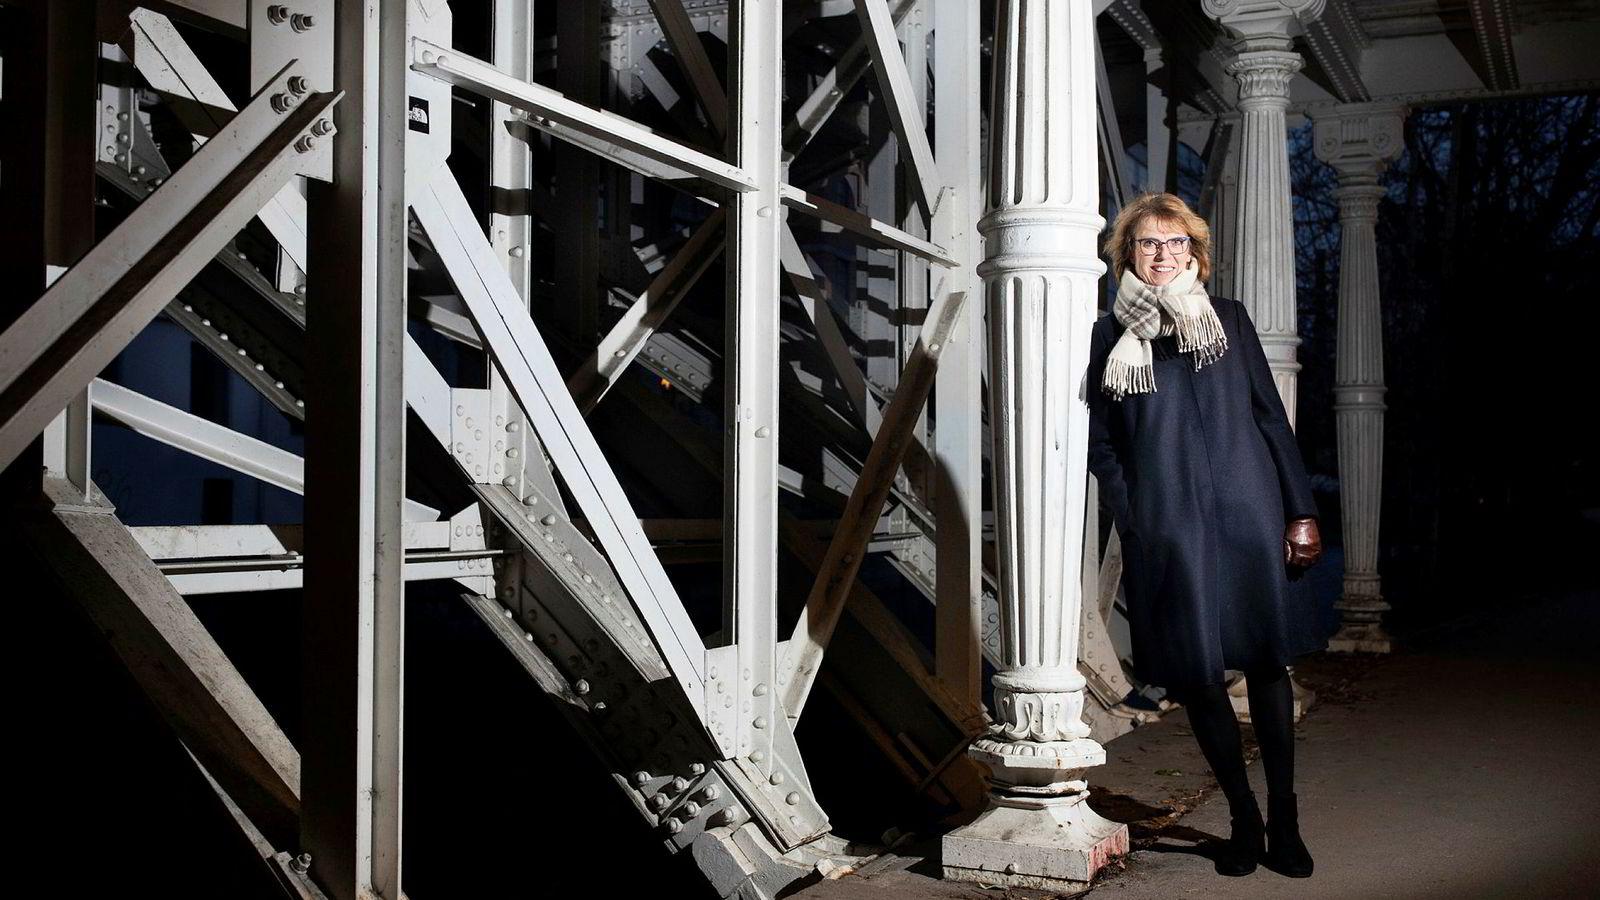 – Jeg har nok større glede av å slippe andre til på scenen enn å stå der selv, sier avtroppende toppleder i Tine, Hanne Refsholt.